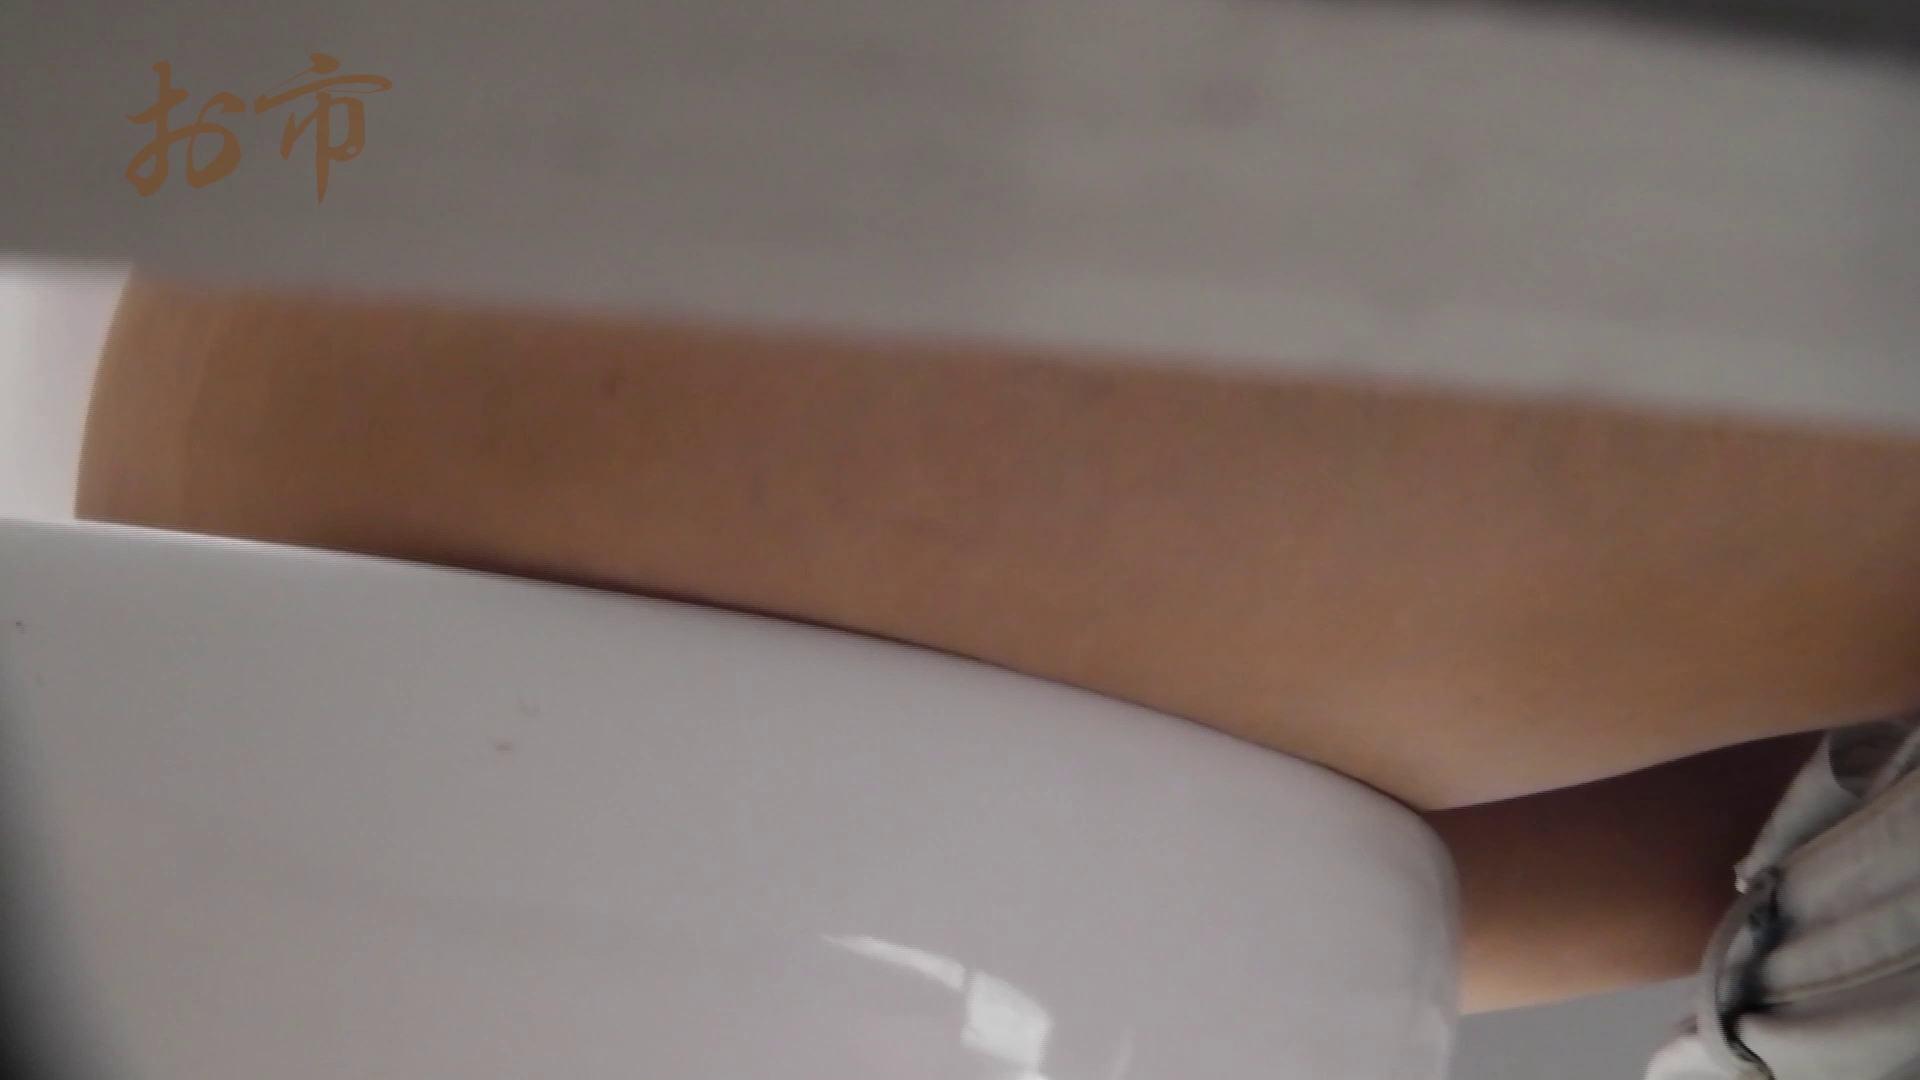 潜入!!台湾名門女学院 Vol.12 長身モデル驚き見たことないシチュエーション 盗撮編 エロ無料画像 80枚 34